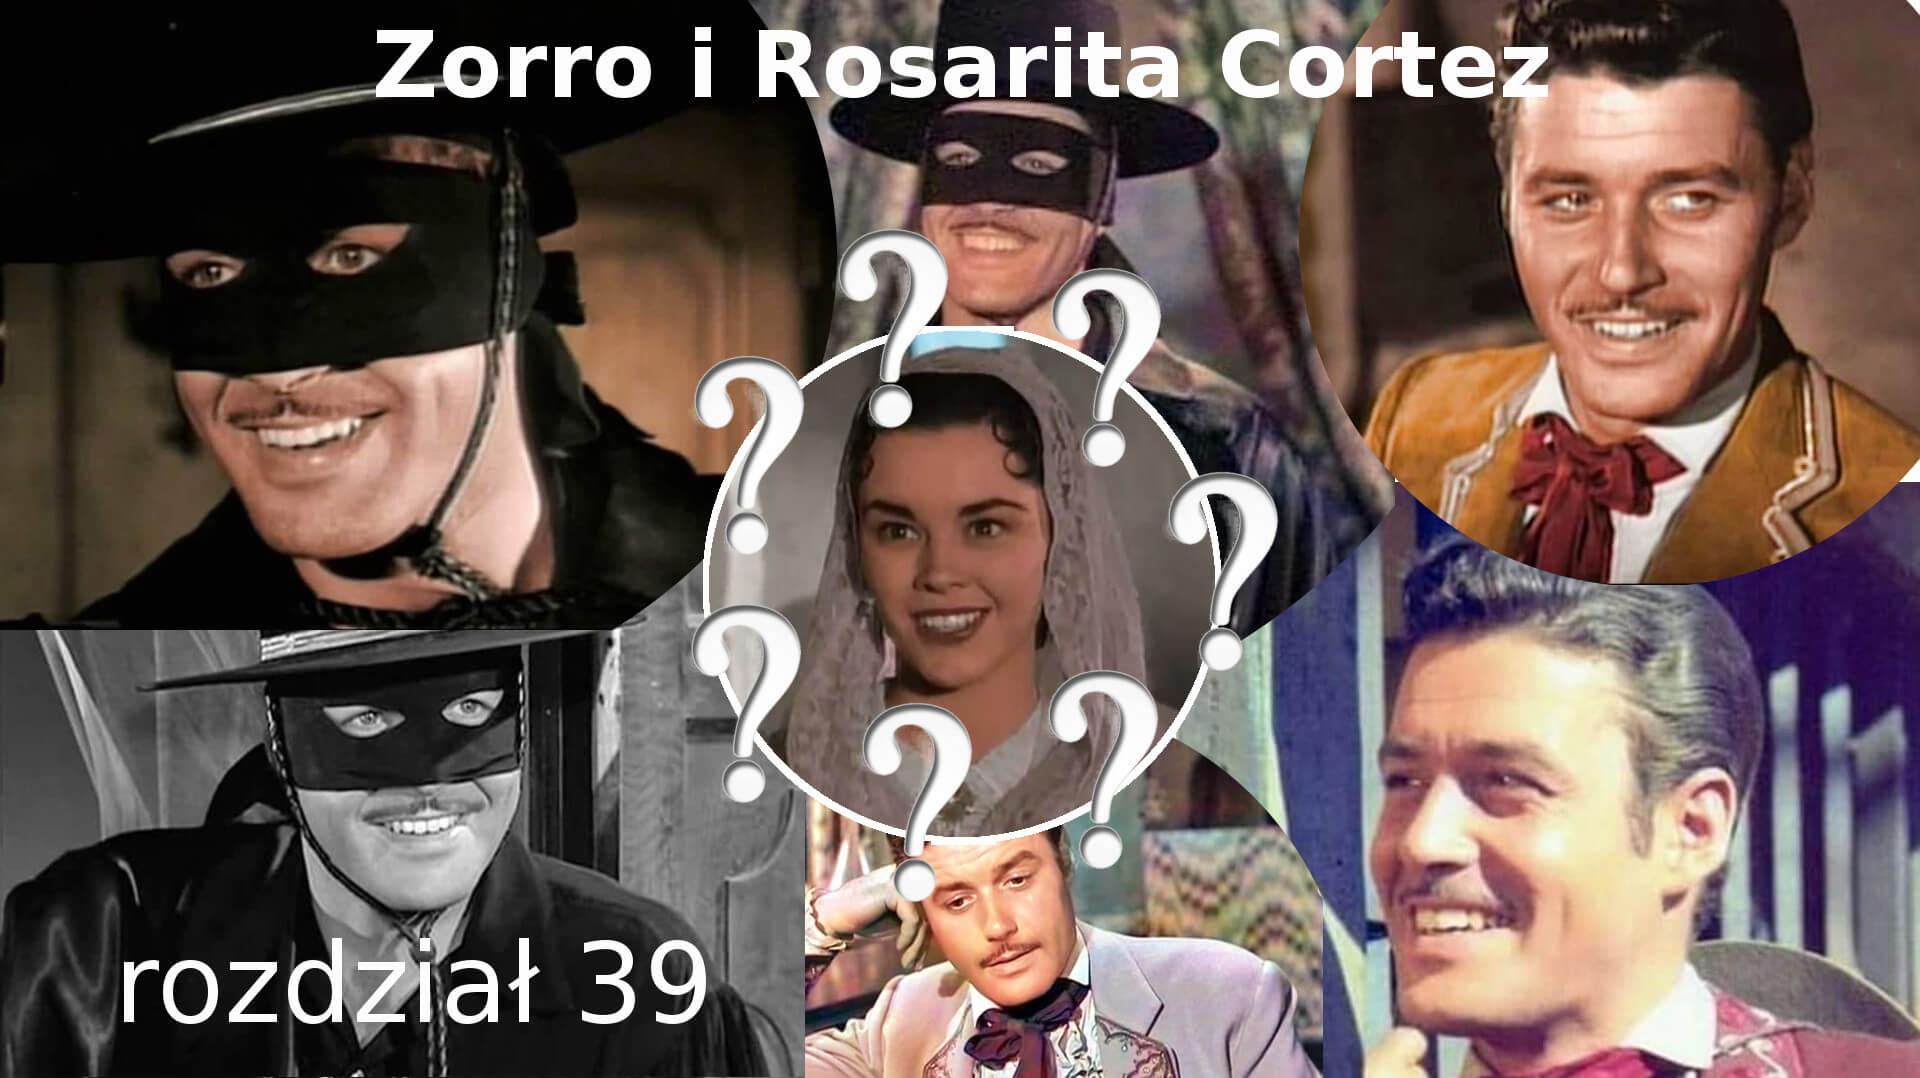 Zorro i Rosarita Cortez rozdział 39 Walt Disney Zorro fanfiction